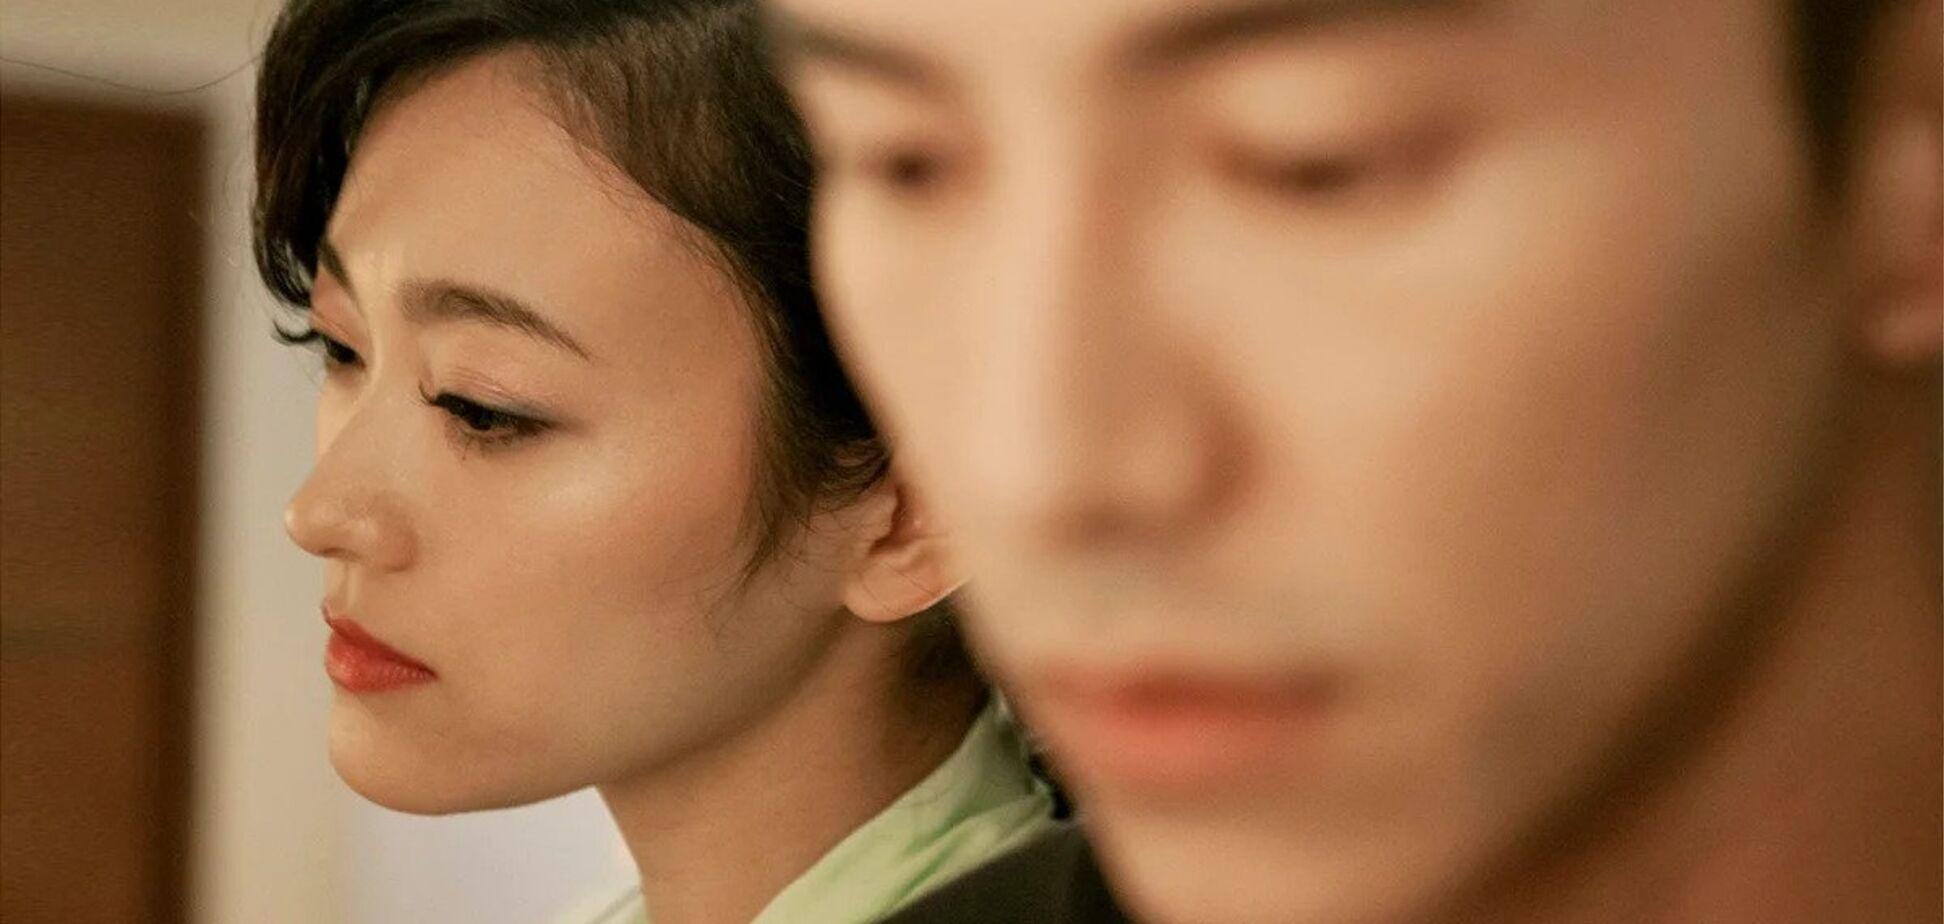 25-річна заміжня китаянка під час обстеження виявилася чоловіком